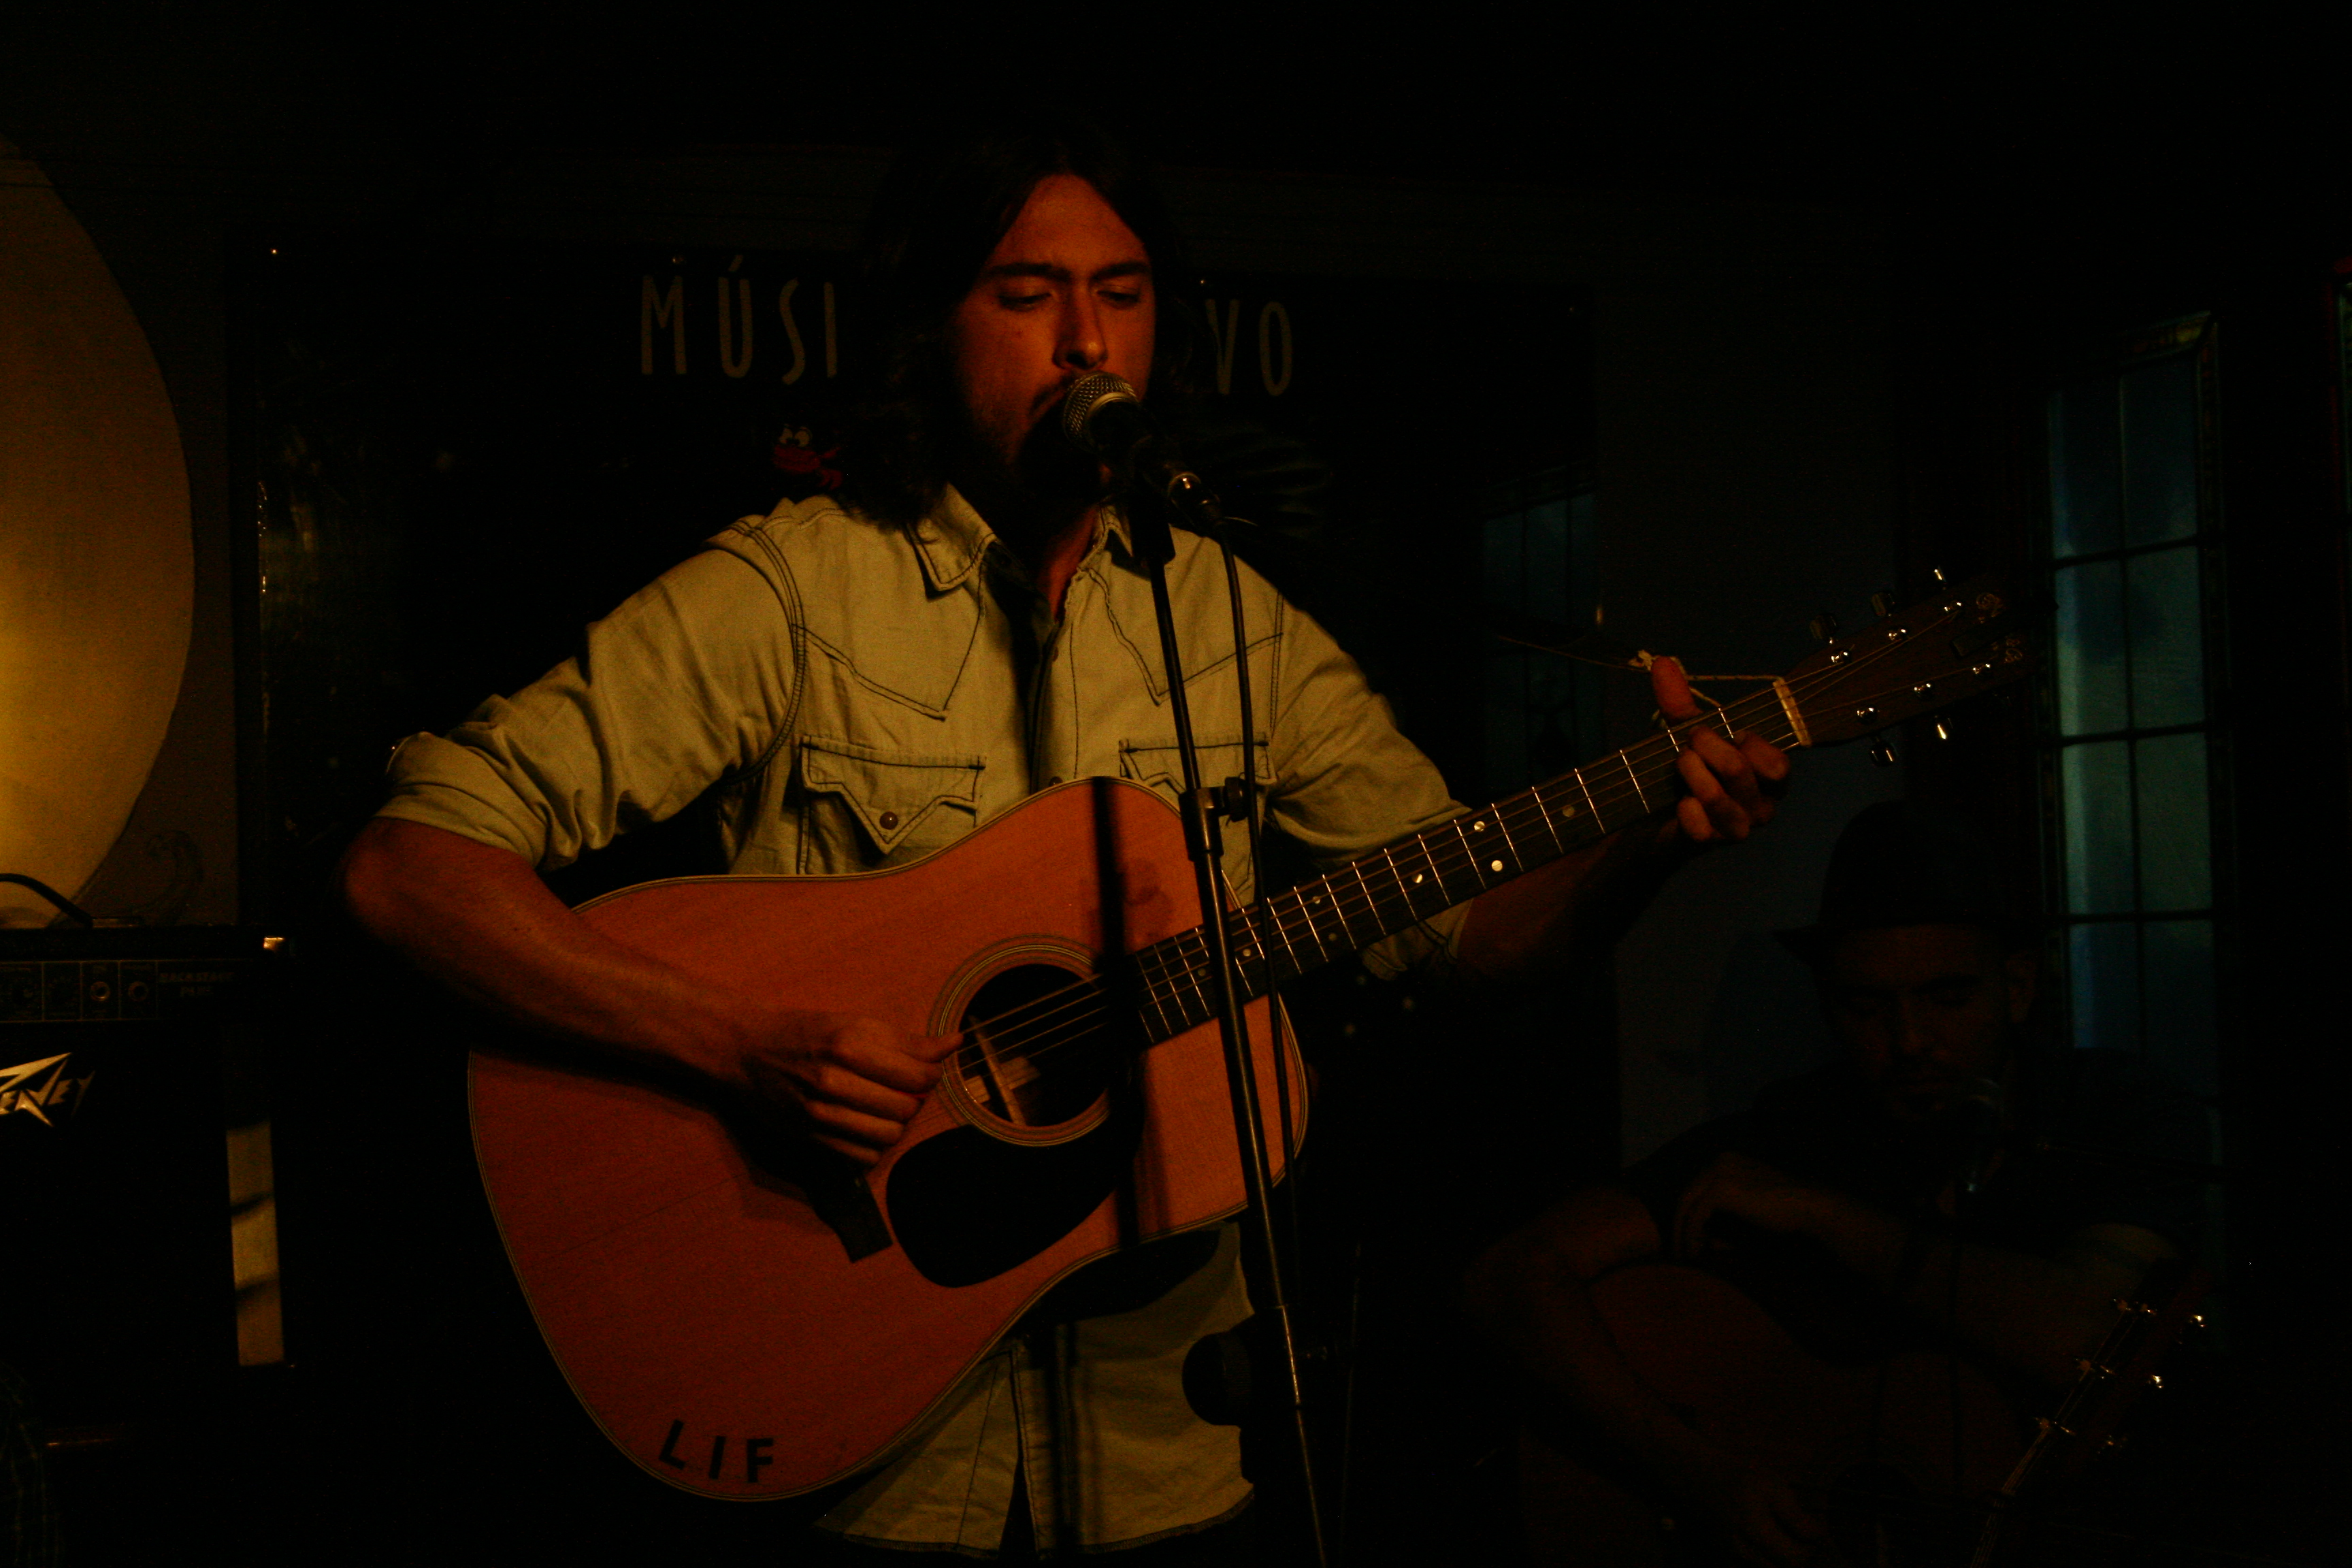 Tomás Hernández (Tom's Cabin) presentaba su debut con un disco homónimo de diez temas, nueve propios y una versión, que saldrá en Octubre de este año. El lugar la […]